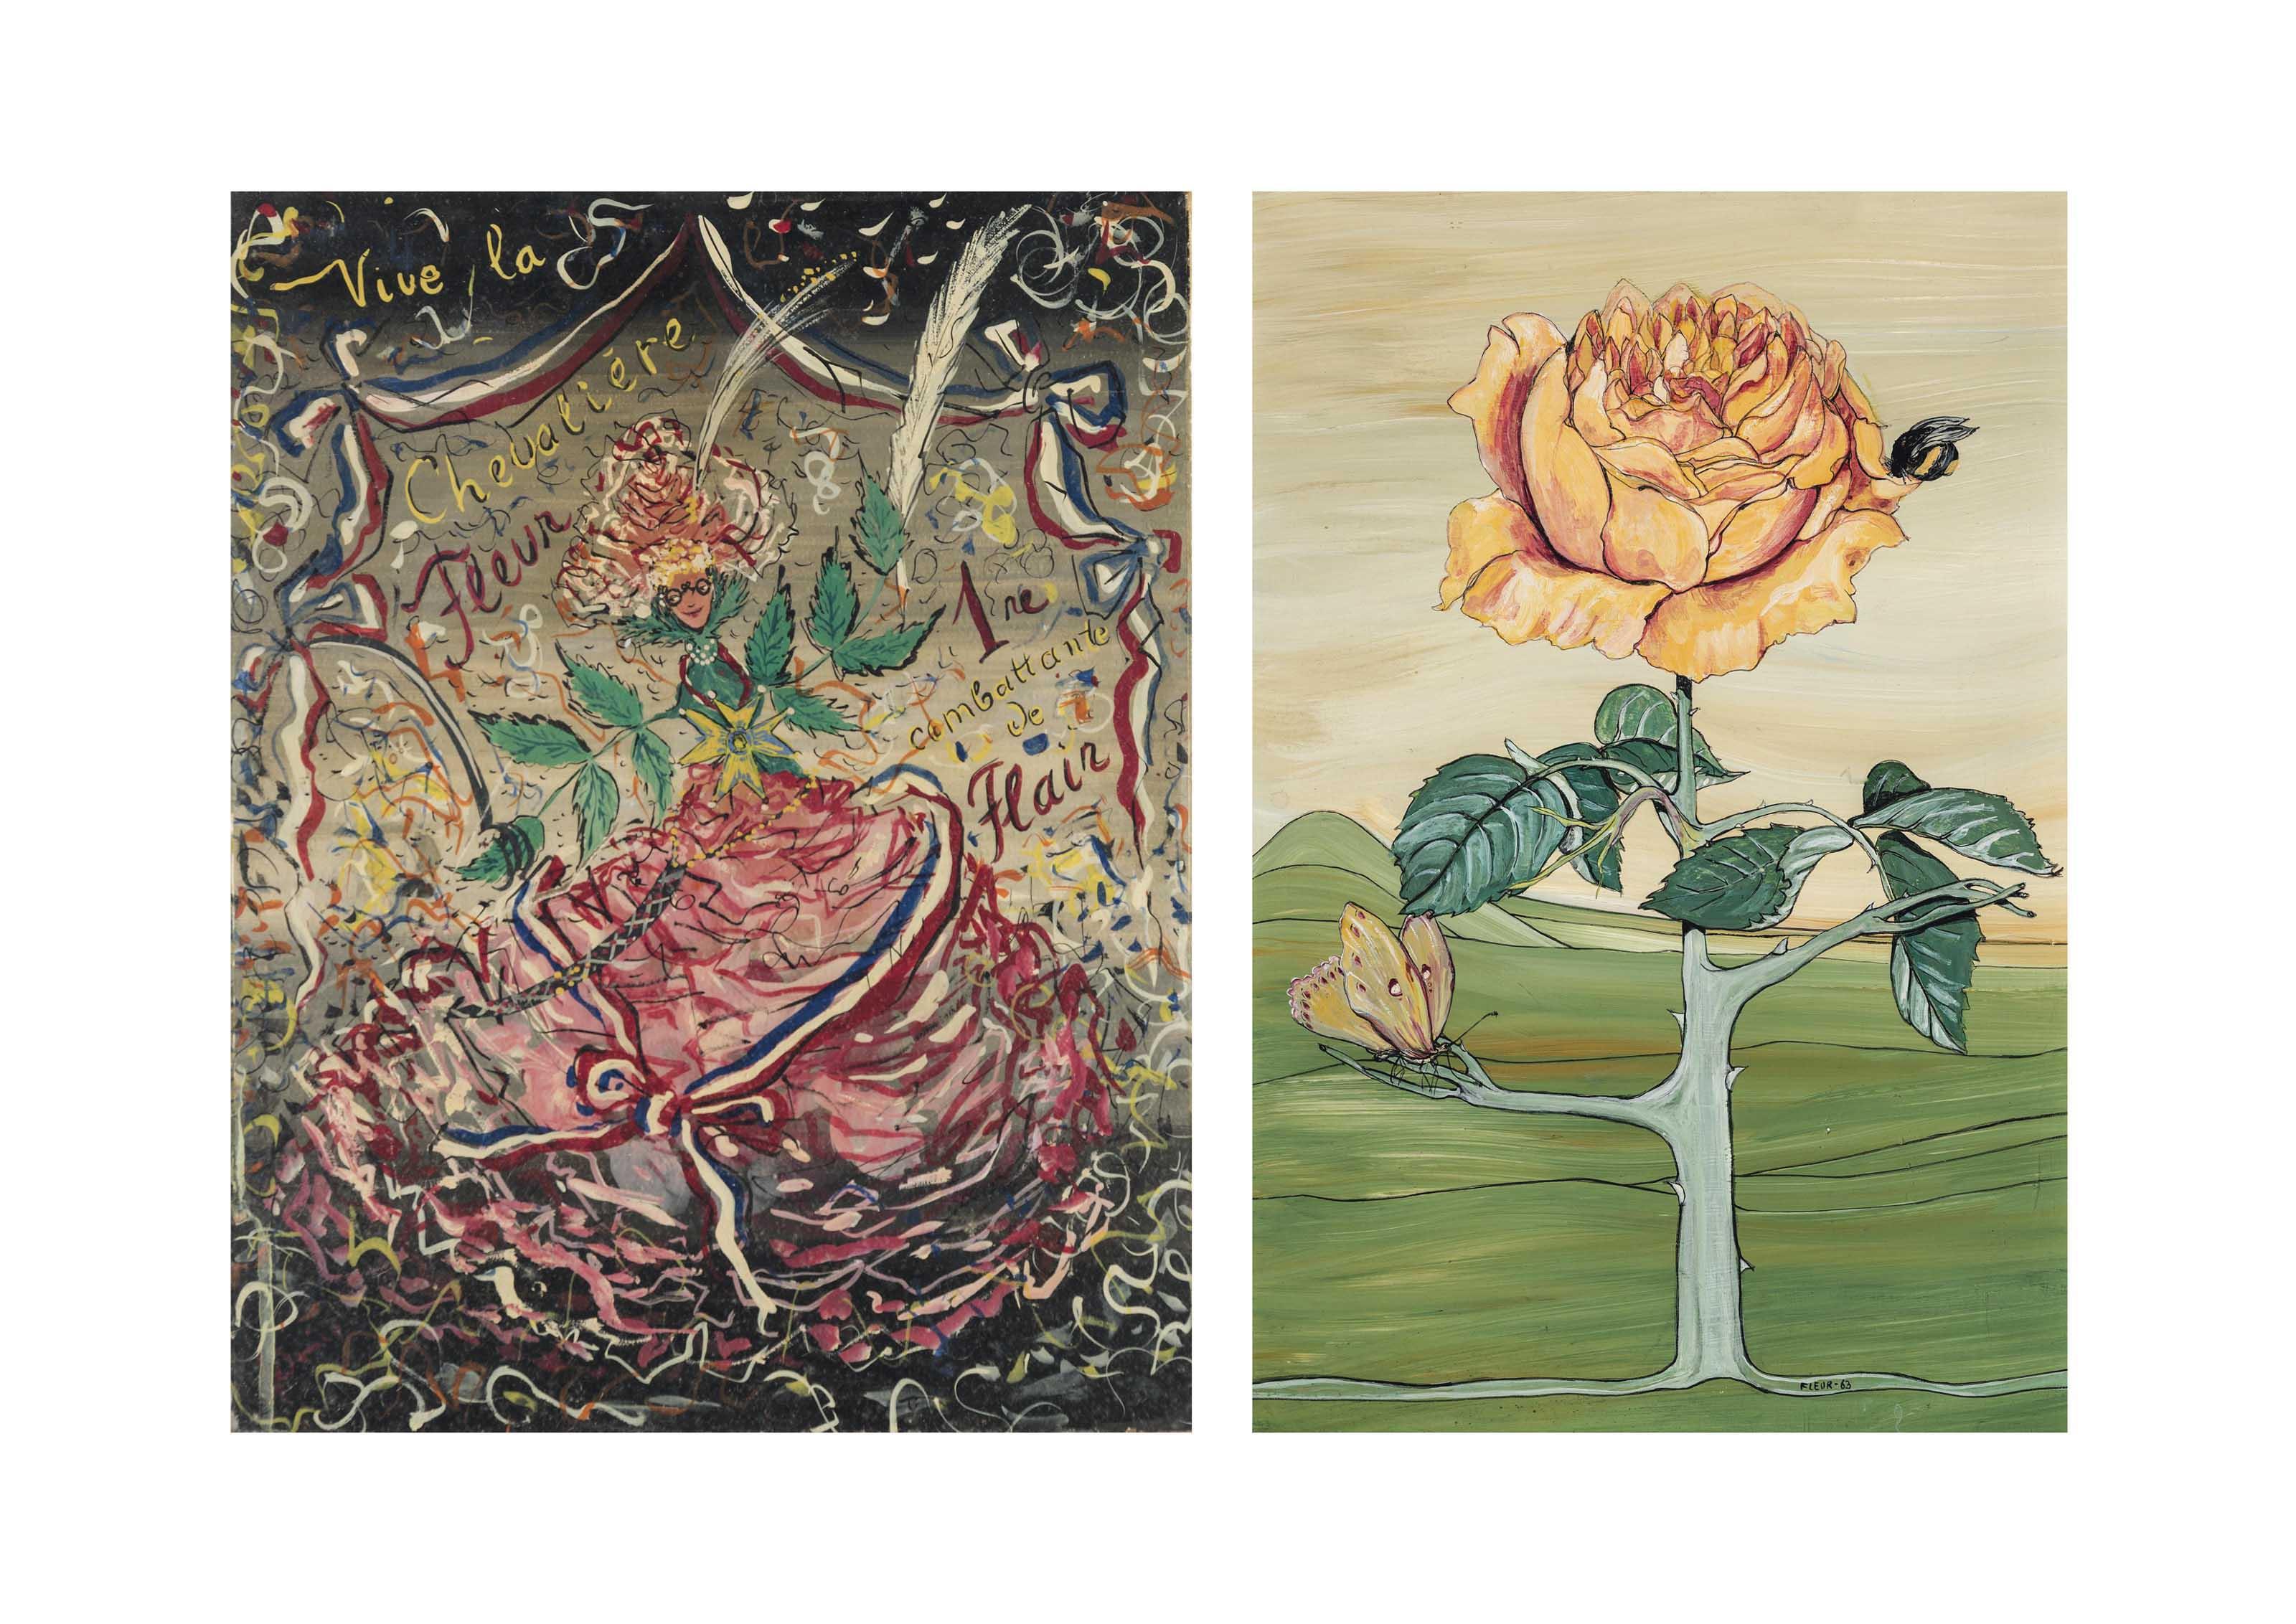 Vive la Chevalière Fleur 1re combattante de Flair; and The rose that grows